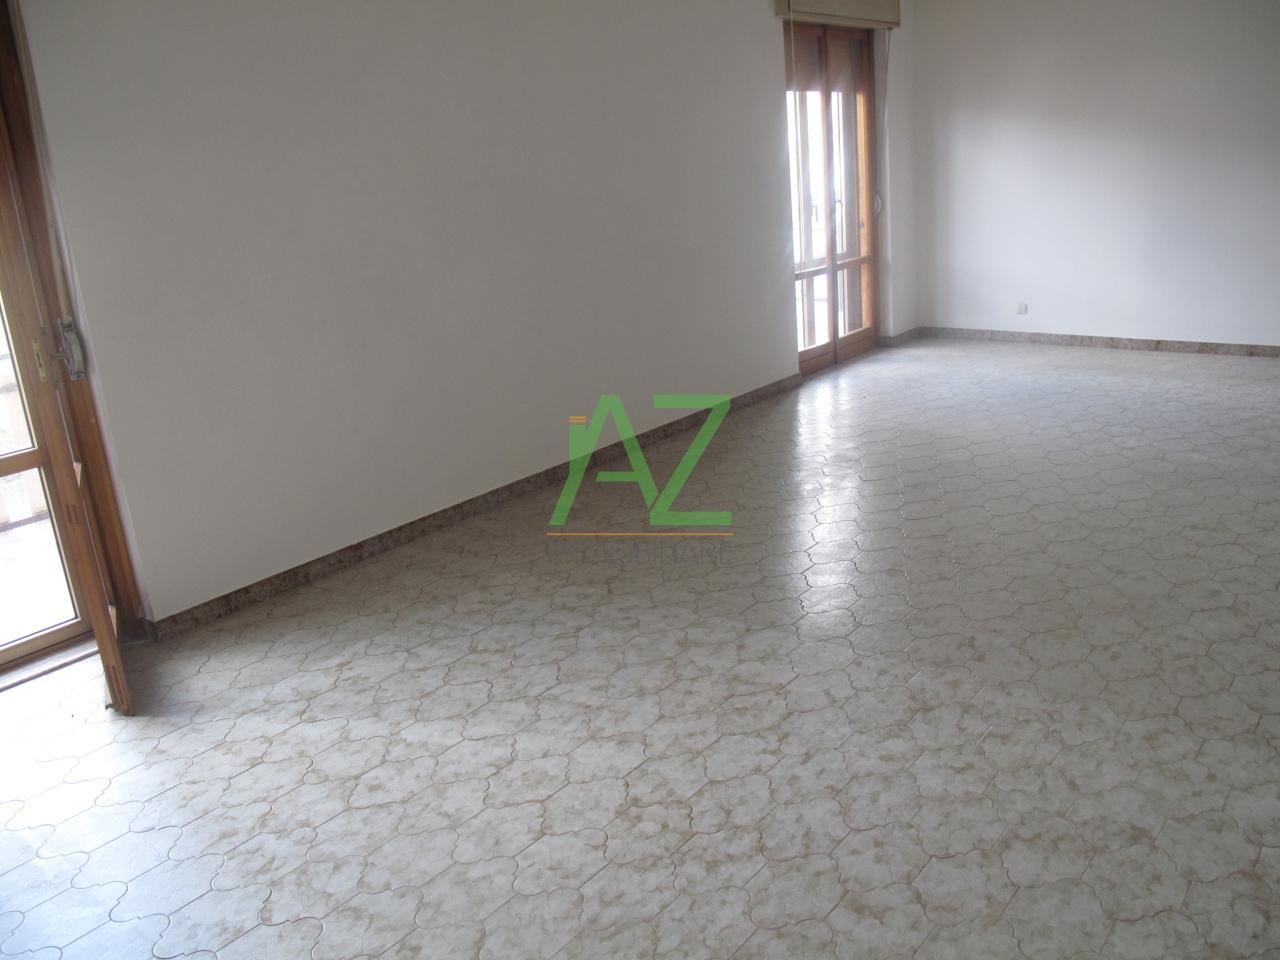 Appartamento in affitto a Motta Sant'Anastasia, 5 locali, prezzo € 530 | Cambio Casa.it